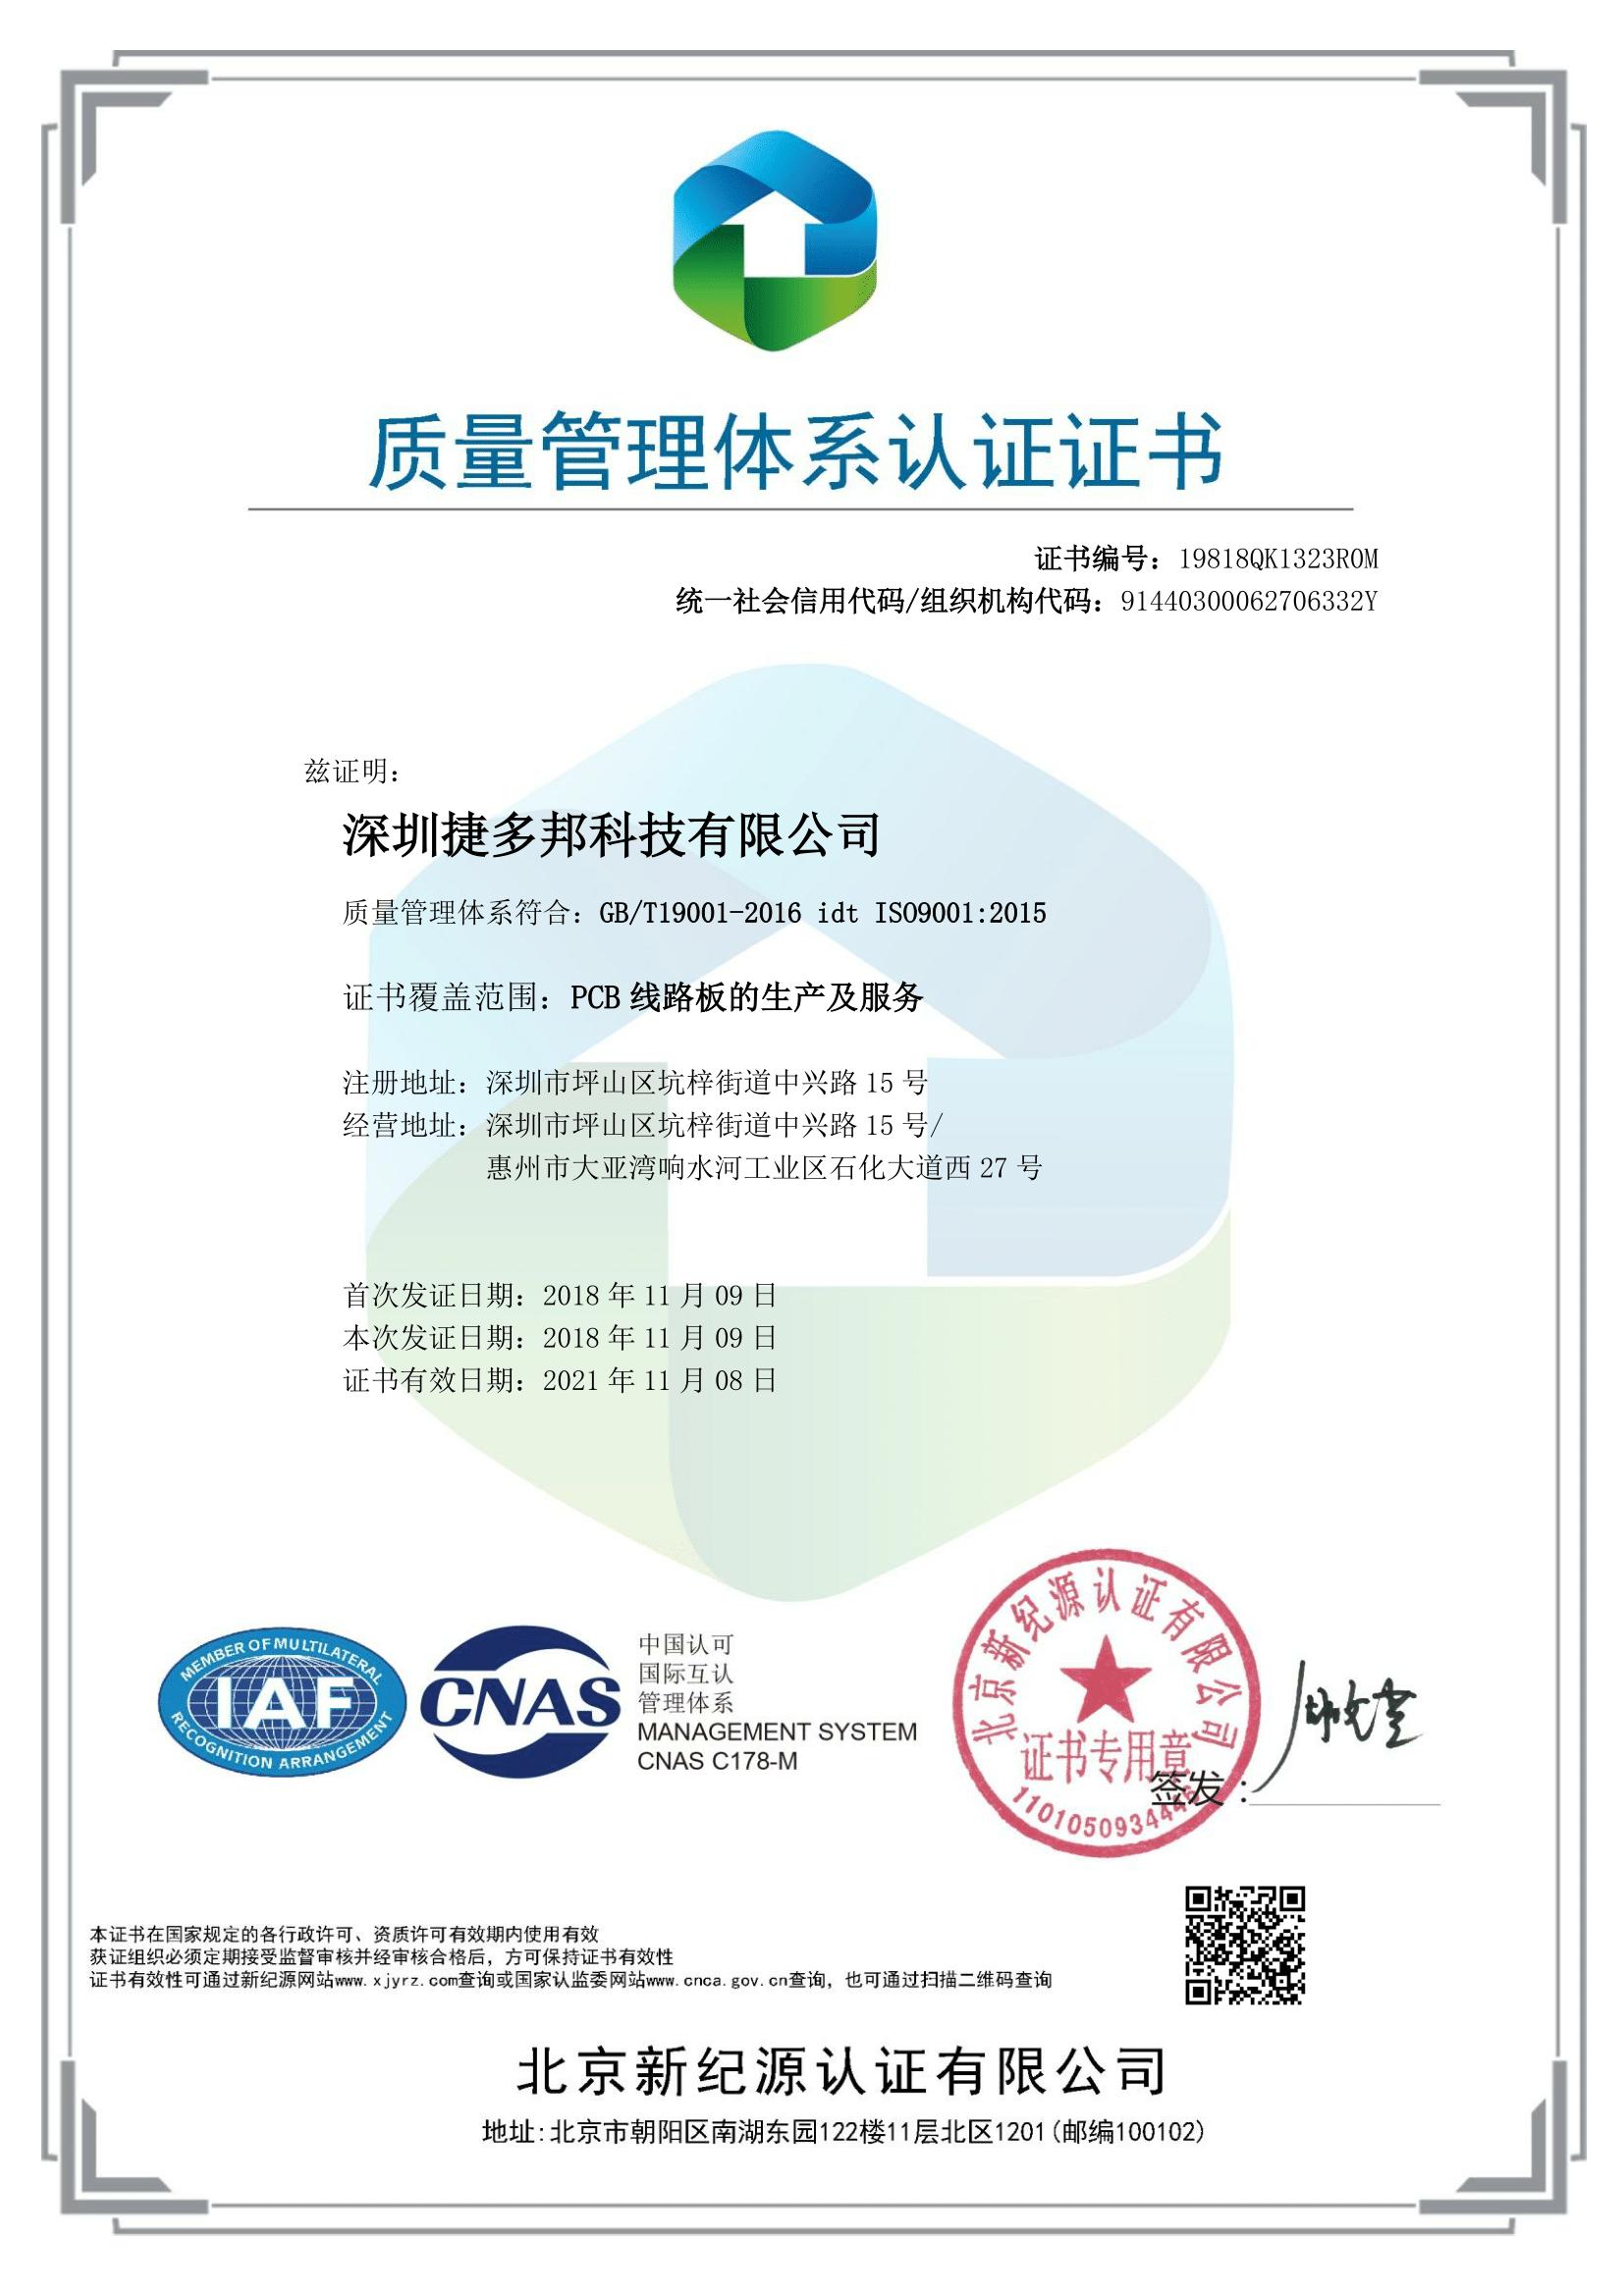 捷多邦科技通过PCB生产质量管理体系认证